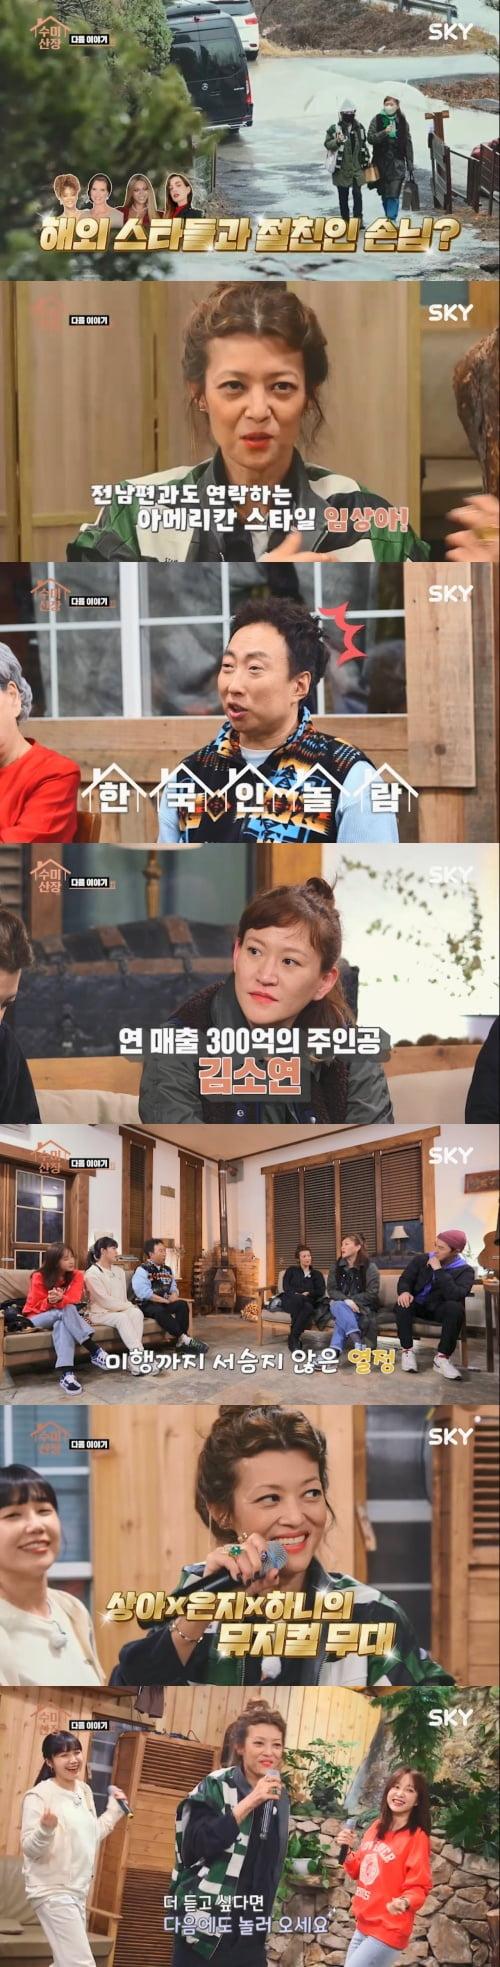 '수미산장' 임상아 /사진제공 = SKY, KBS 수미산장